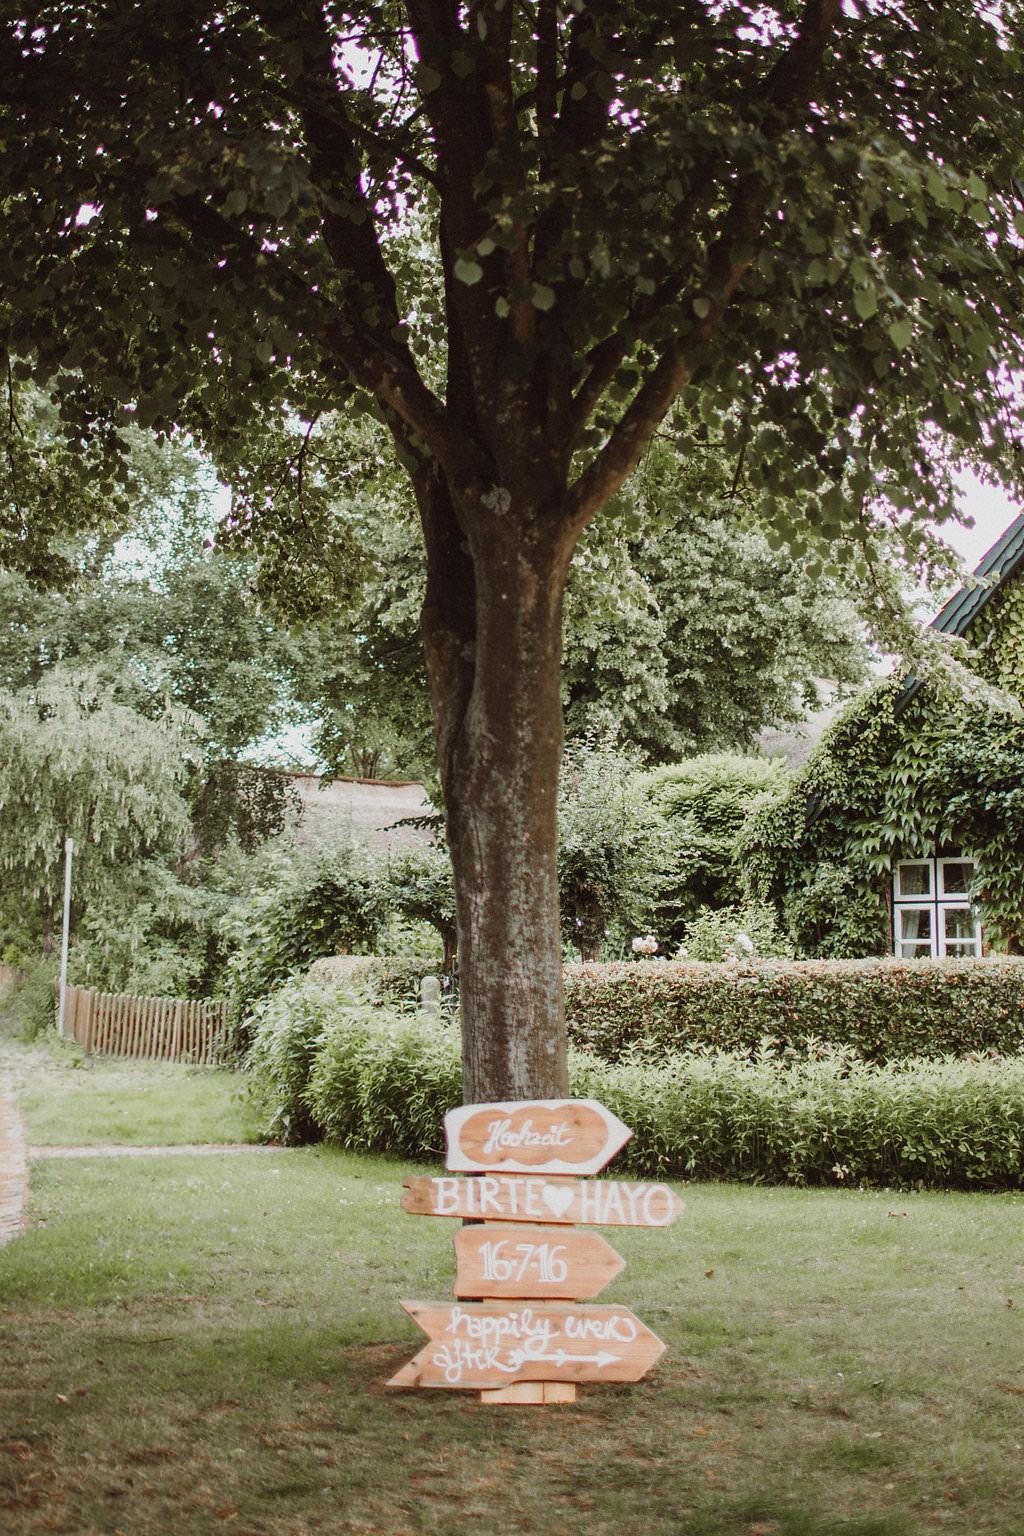 birte-hayo-sommer-hochzeit-ostsee-schleswig-holstein-kiel-fotografie-0135